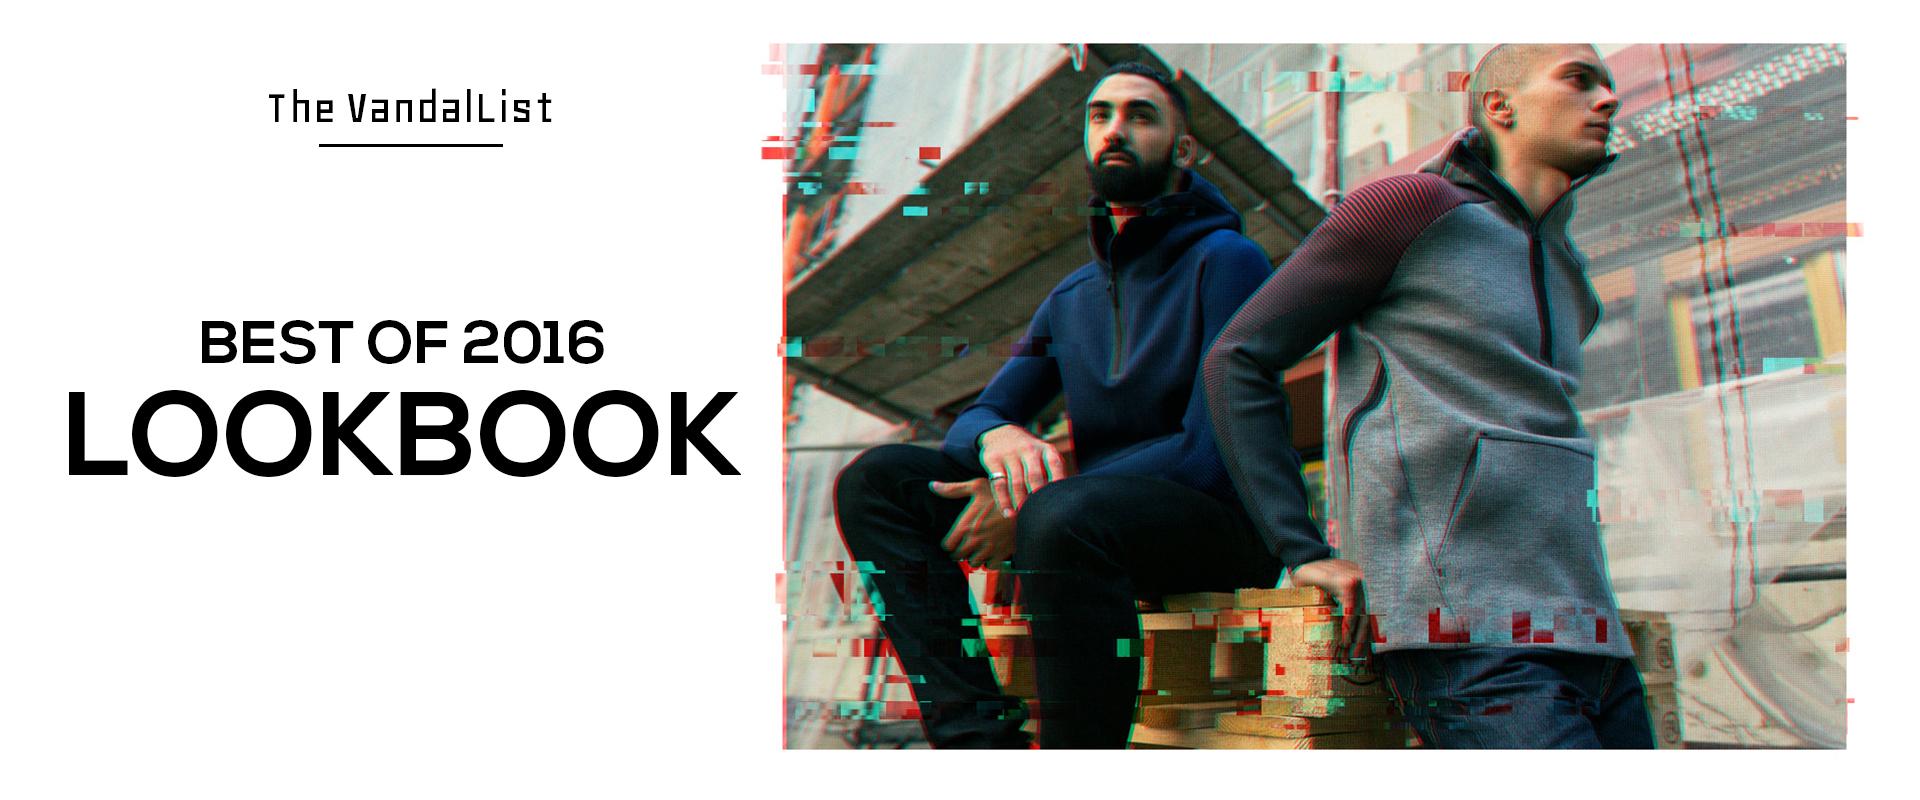 best-of-lookbook-2016